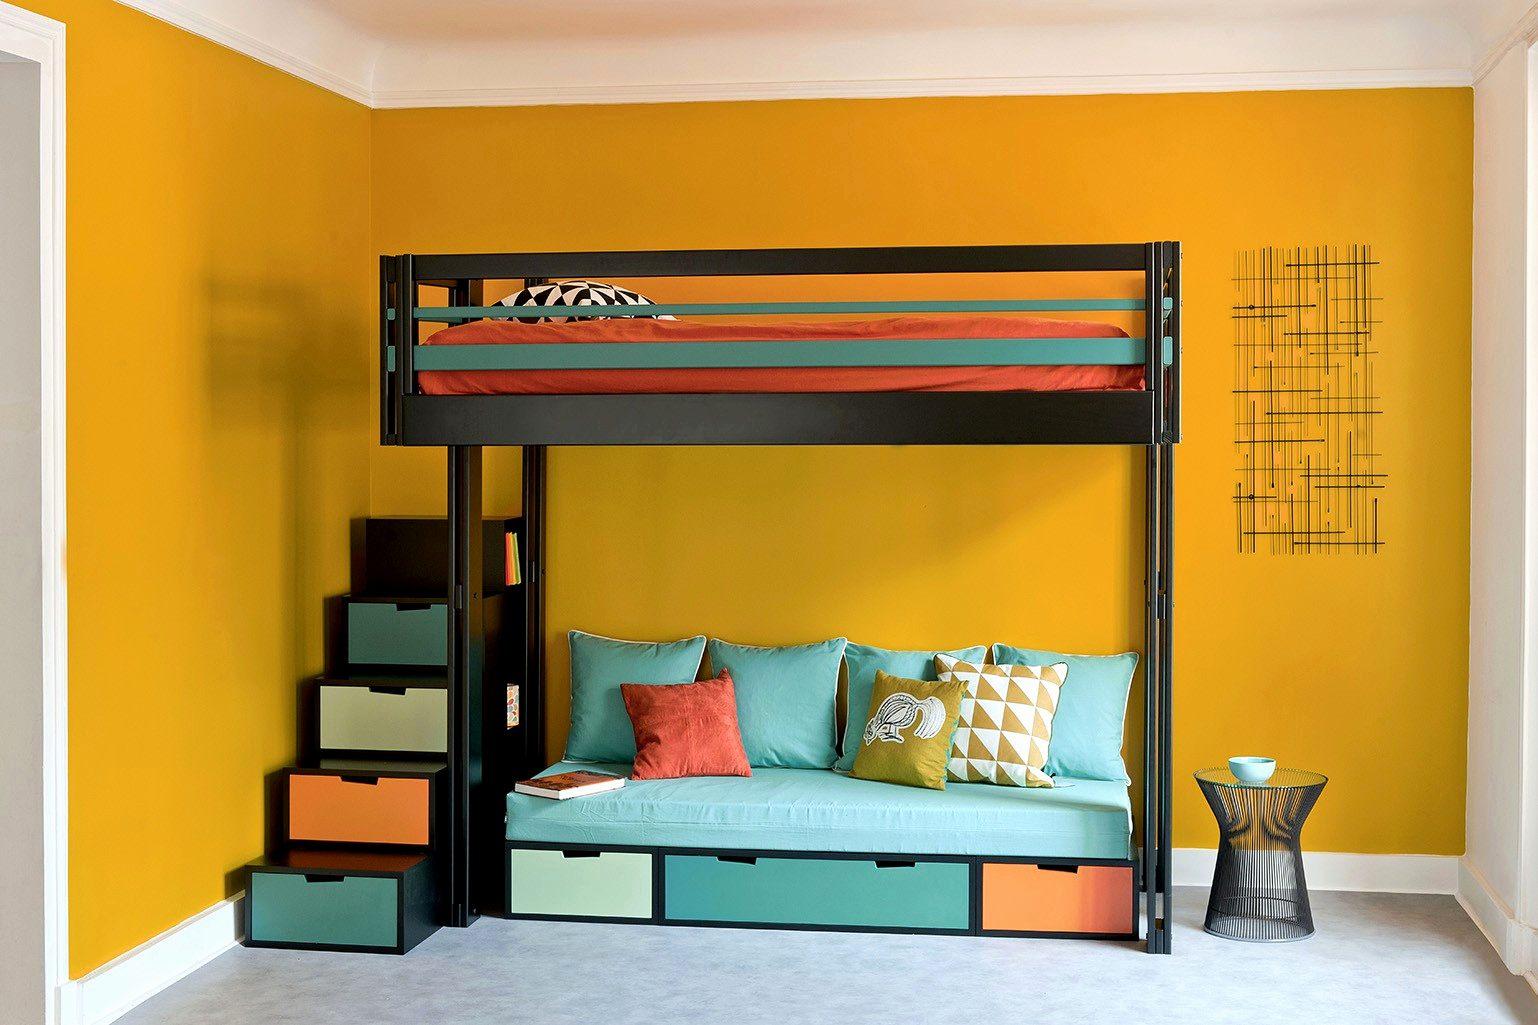 Lit Rangement Ikea Beau Escalier Avec Rangement Génial Ikea Bureau Etagere Bureau sous